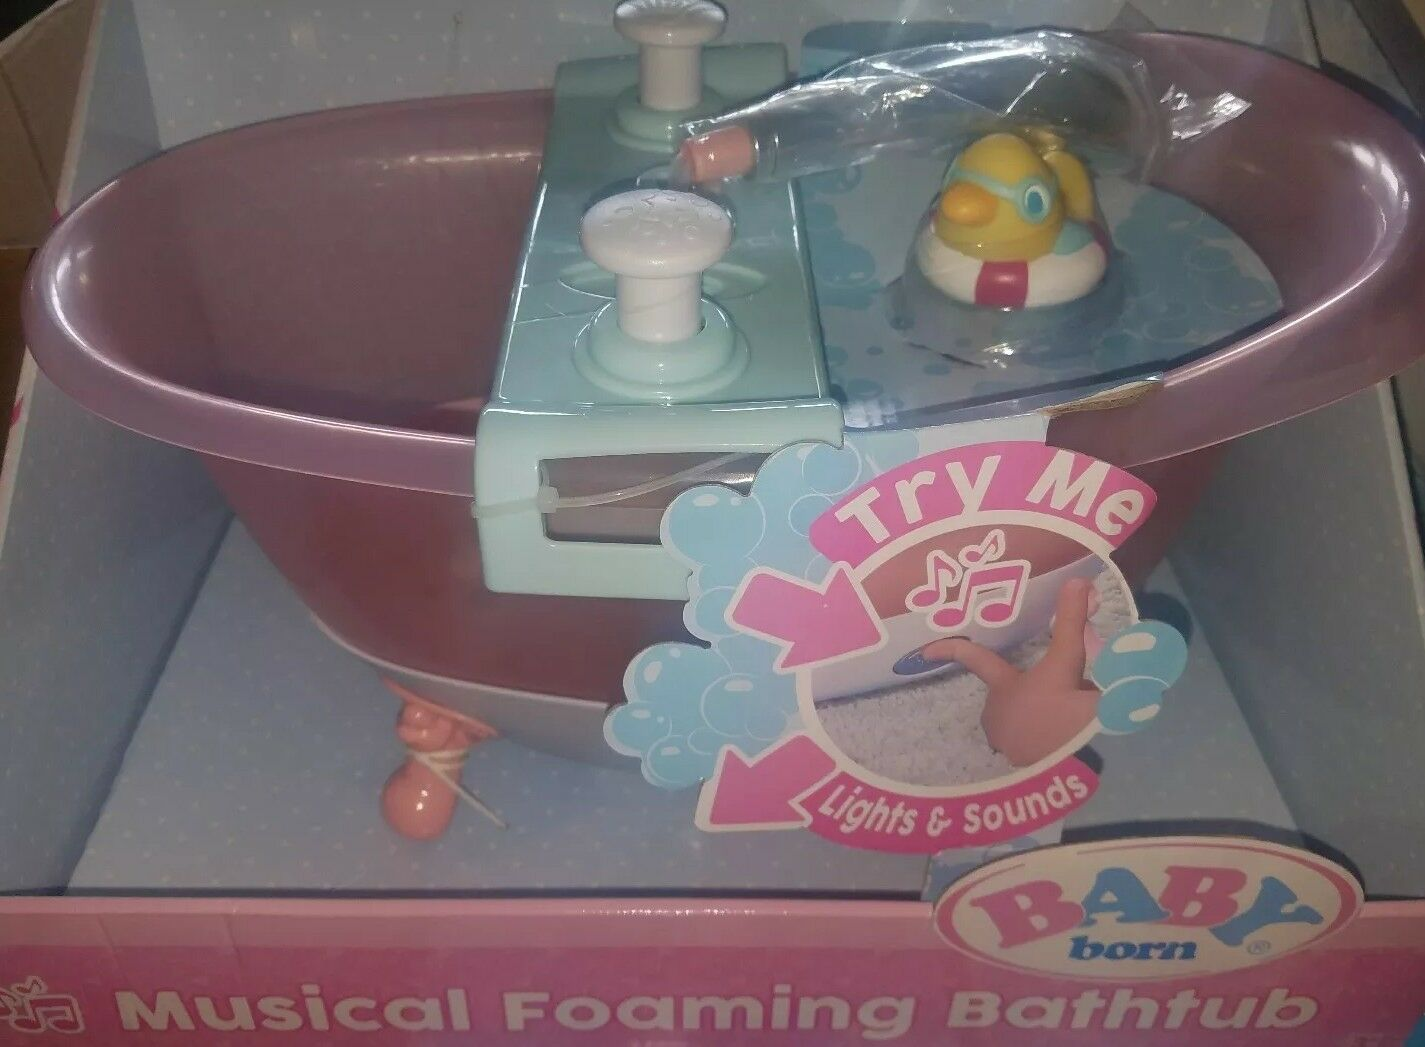 New 2017 BABY Born Musical Foaming Baby Doll Bathtub Bath Tub Playset